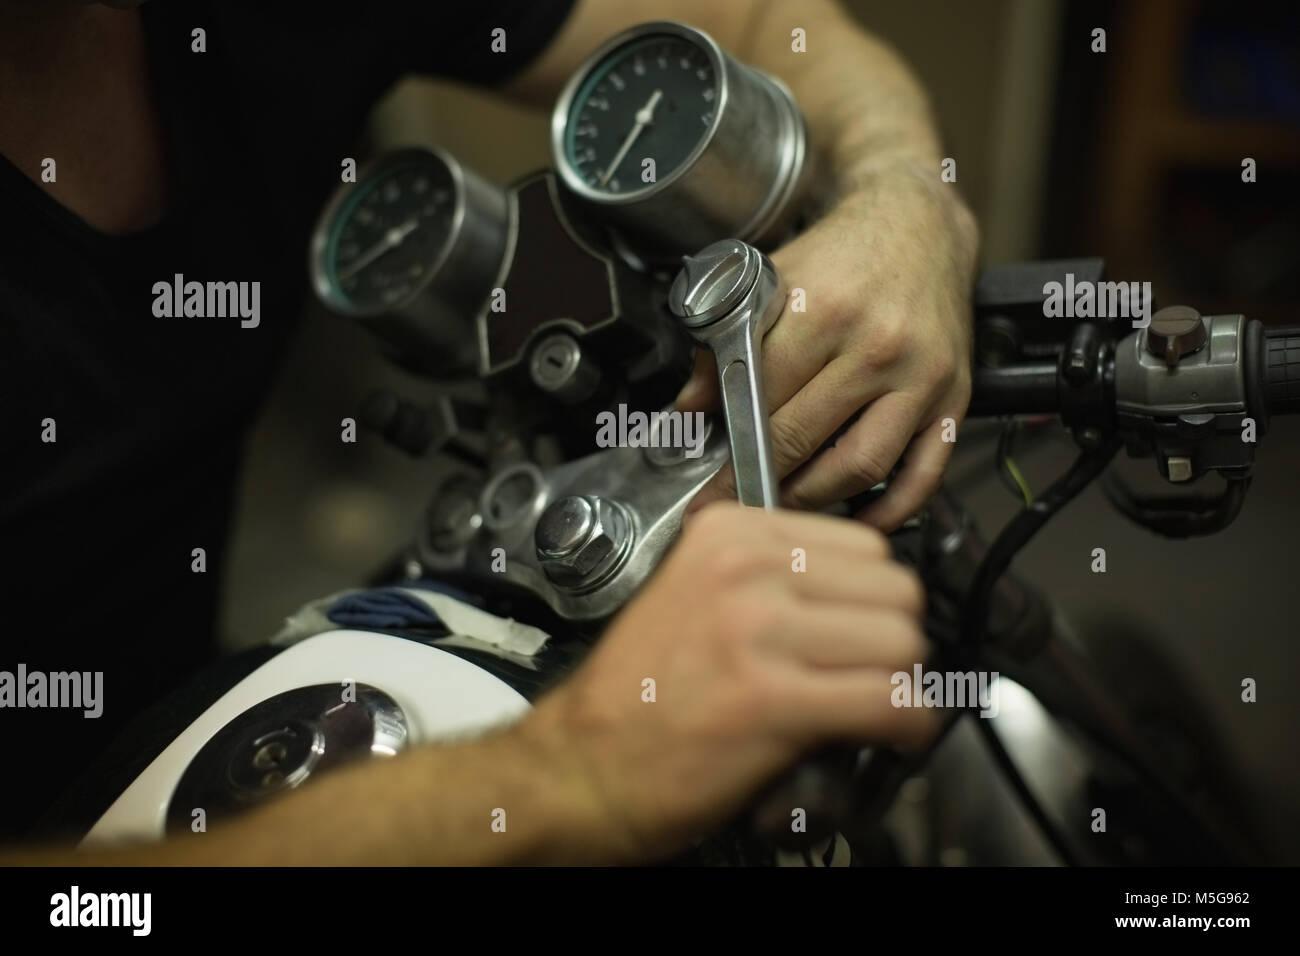 Mechanic tightening motorbike bike handle - Stock Image